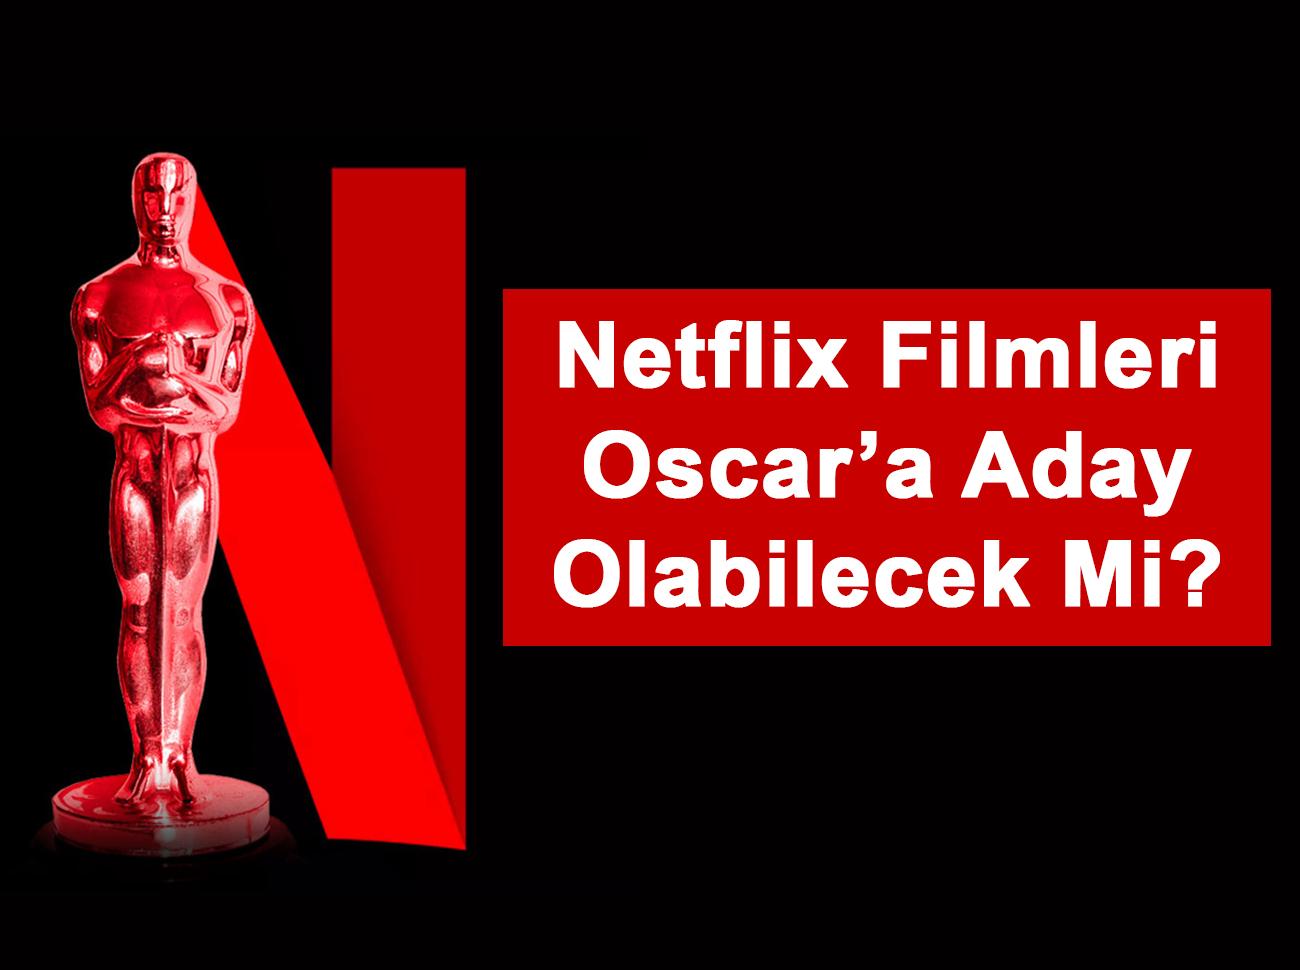 Netflix Filmleri Oscar İçin Aday Olabilecek Mi?